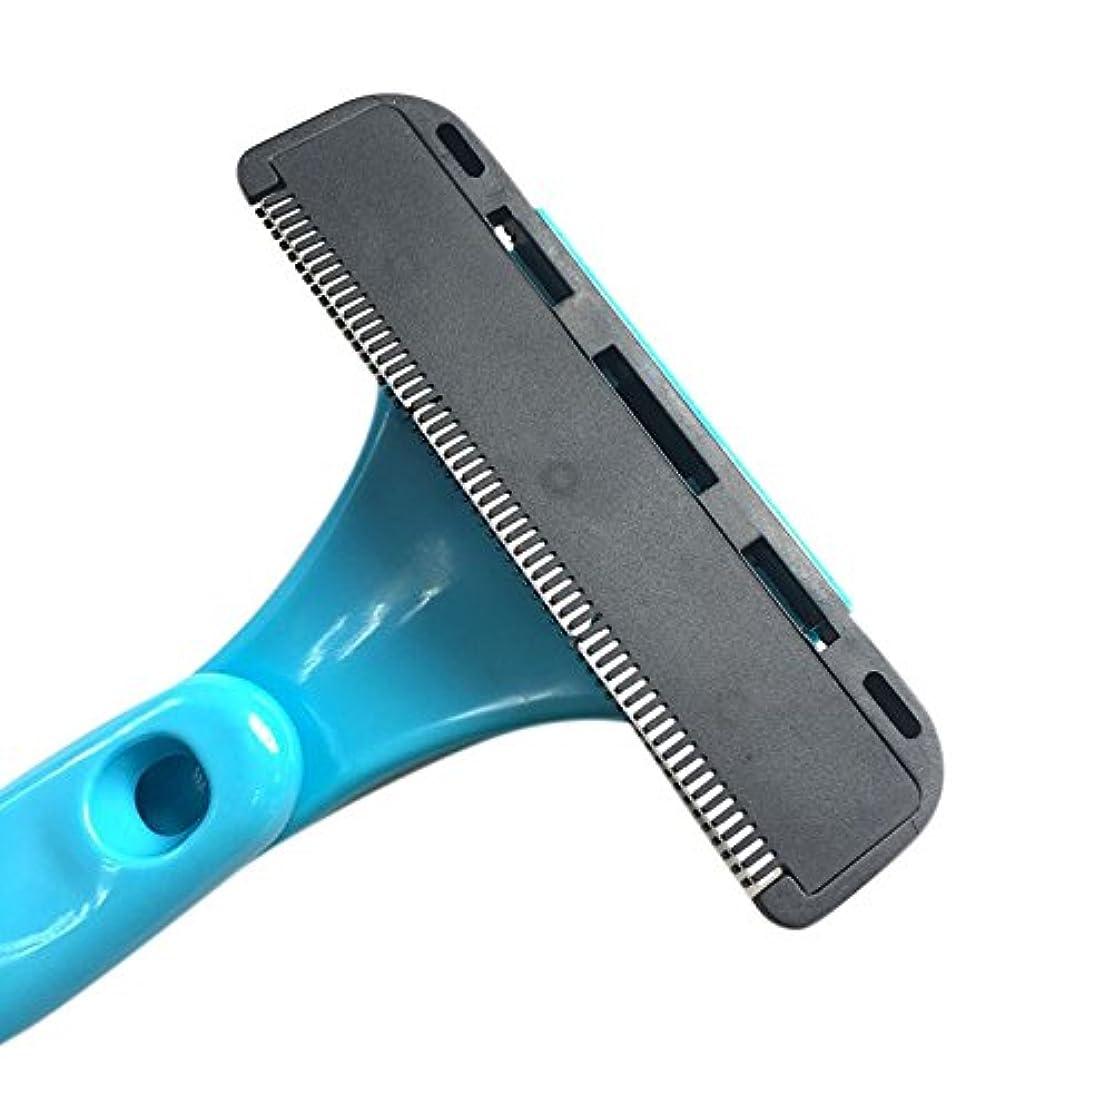 メロドラマティック時計回り骨Liebeye 折りたたみ式 脱毛装置 絶妙な 手動剃刀 シェービング ヘッド 切削ヘッド